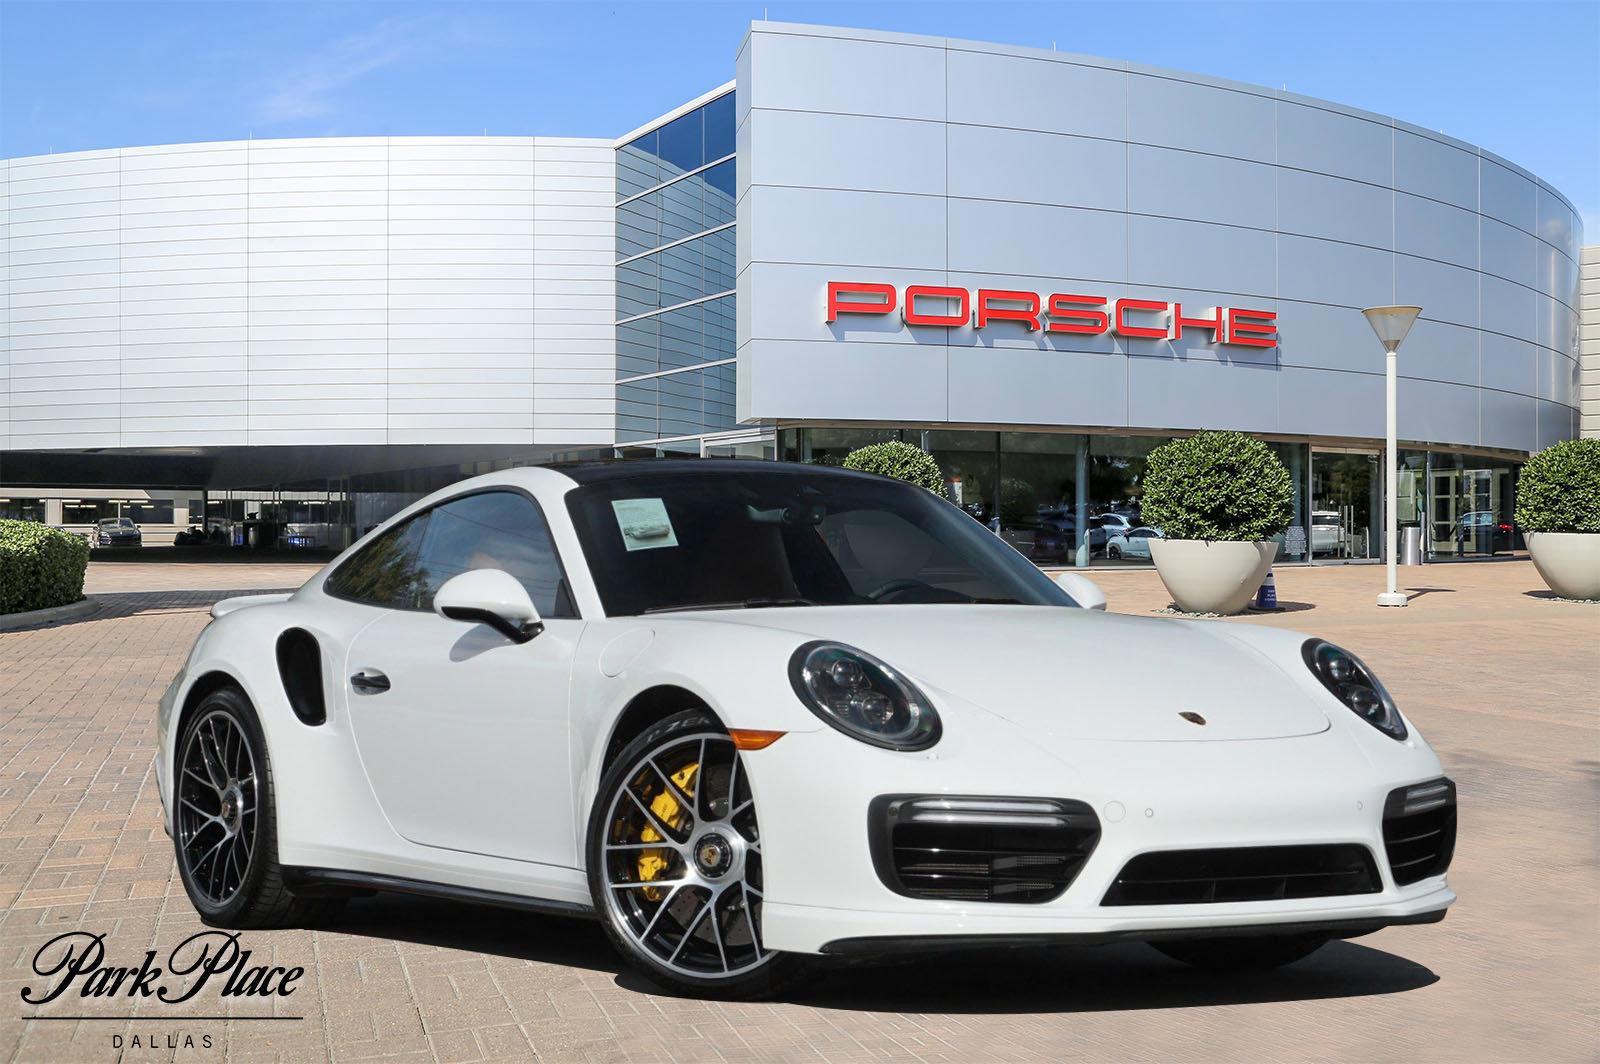 2018 Porsche 911 Turbo S image